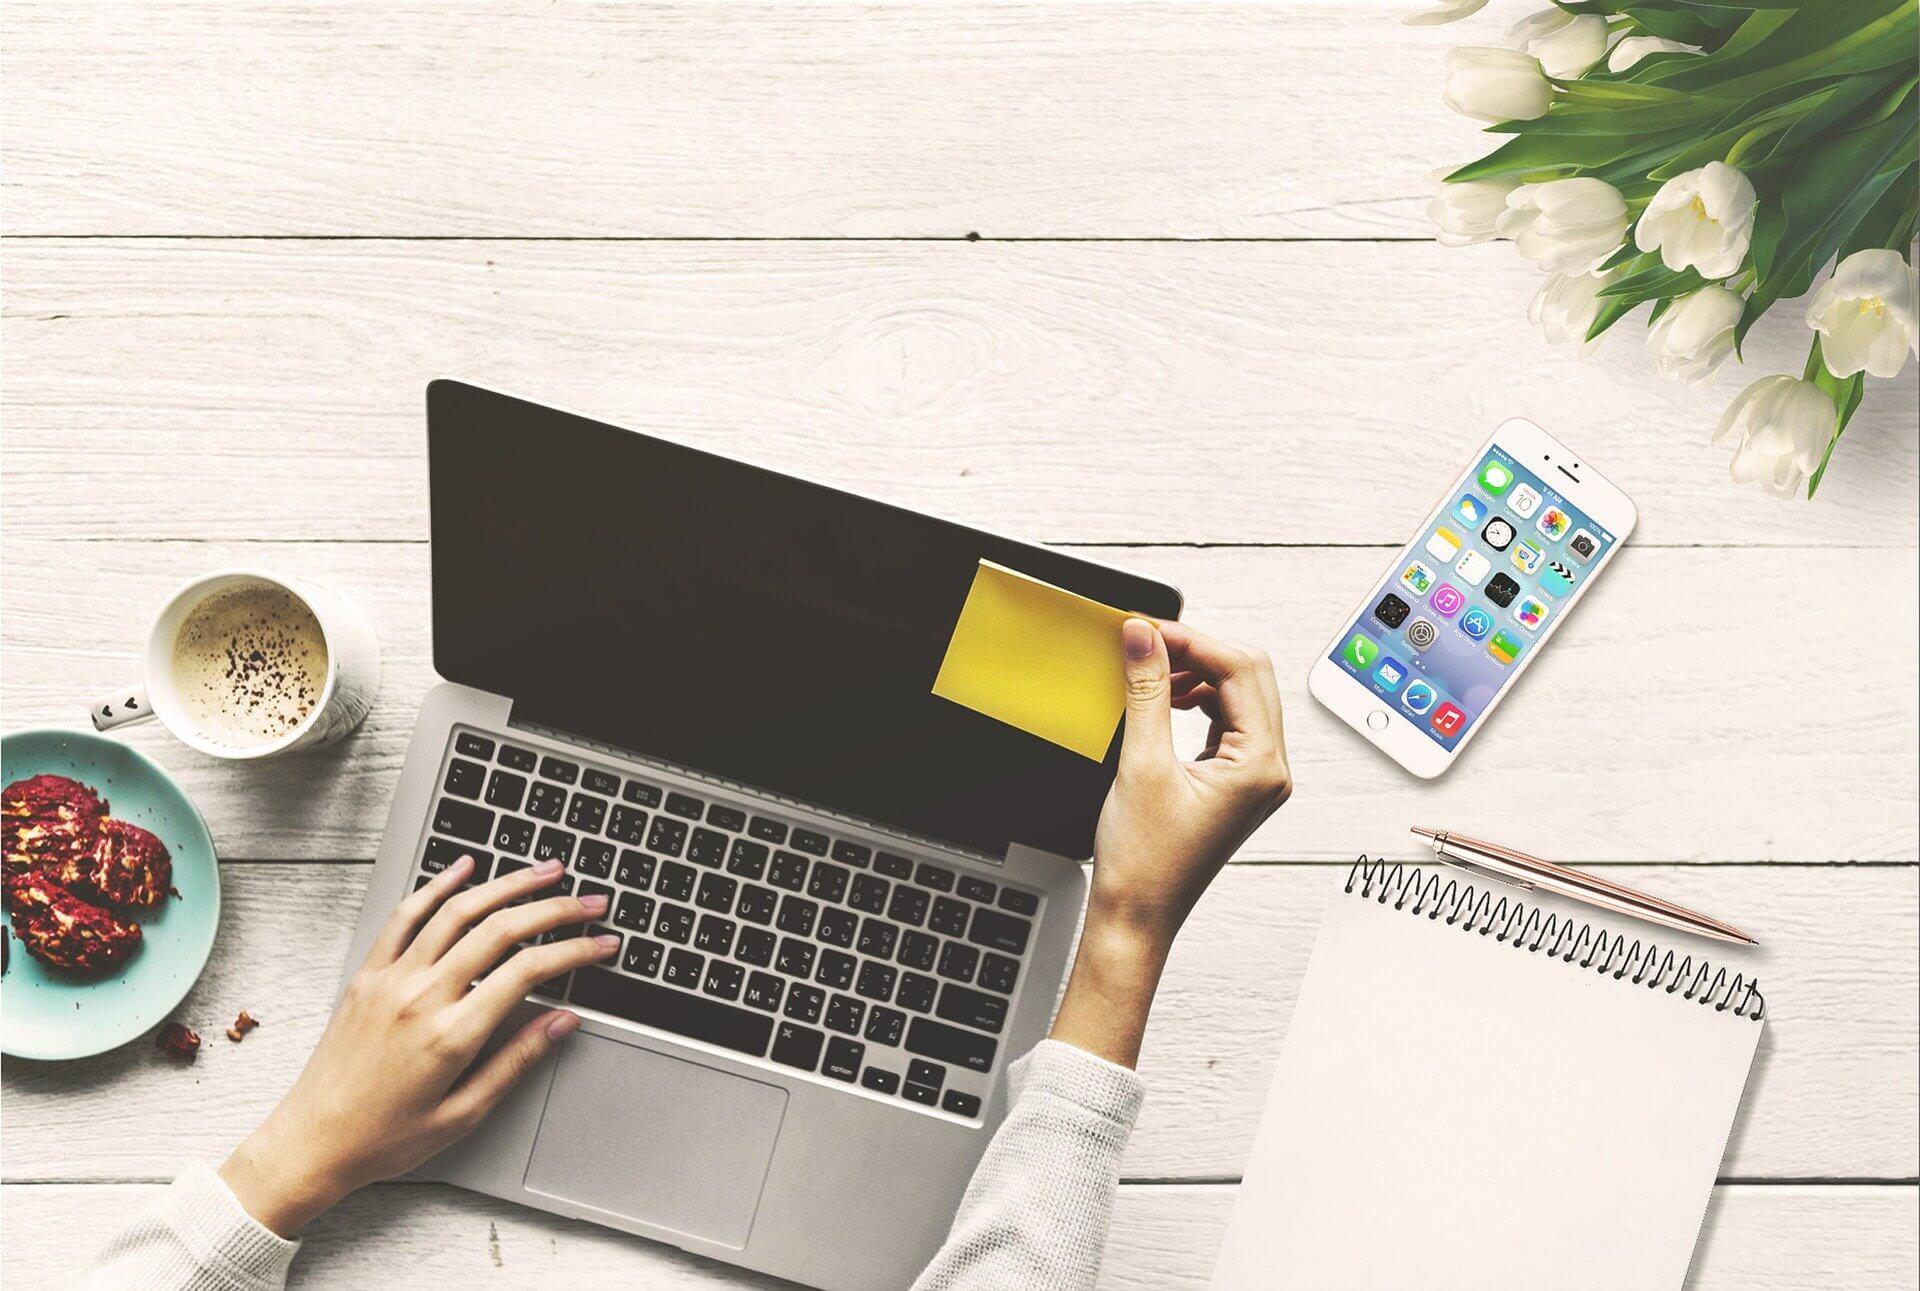 Herramientas útiles para el home office, teletrabajo o trabajo remoto – Bichito viajero